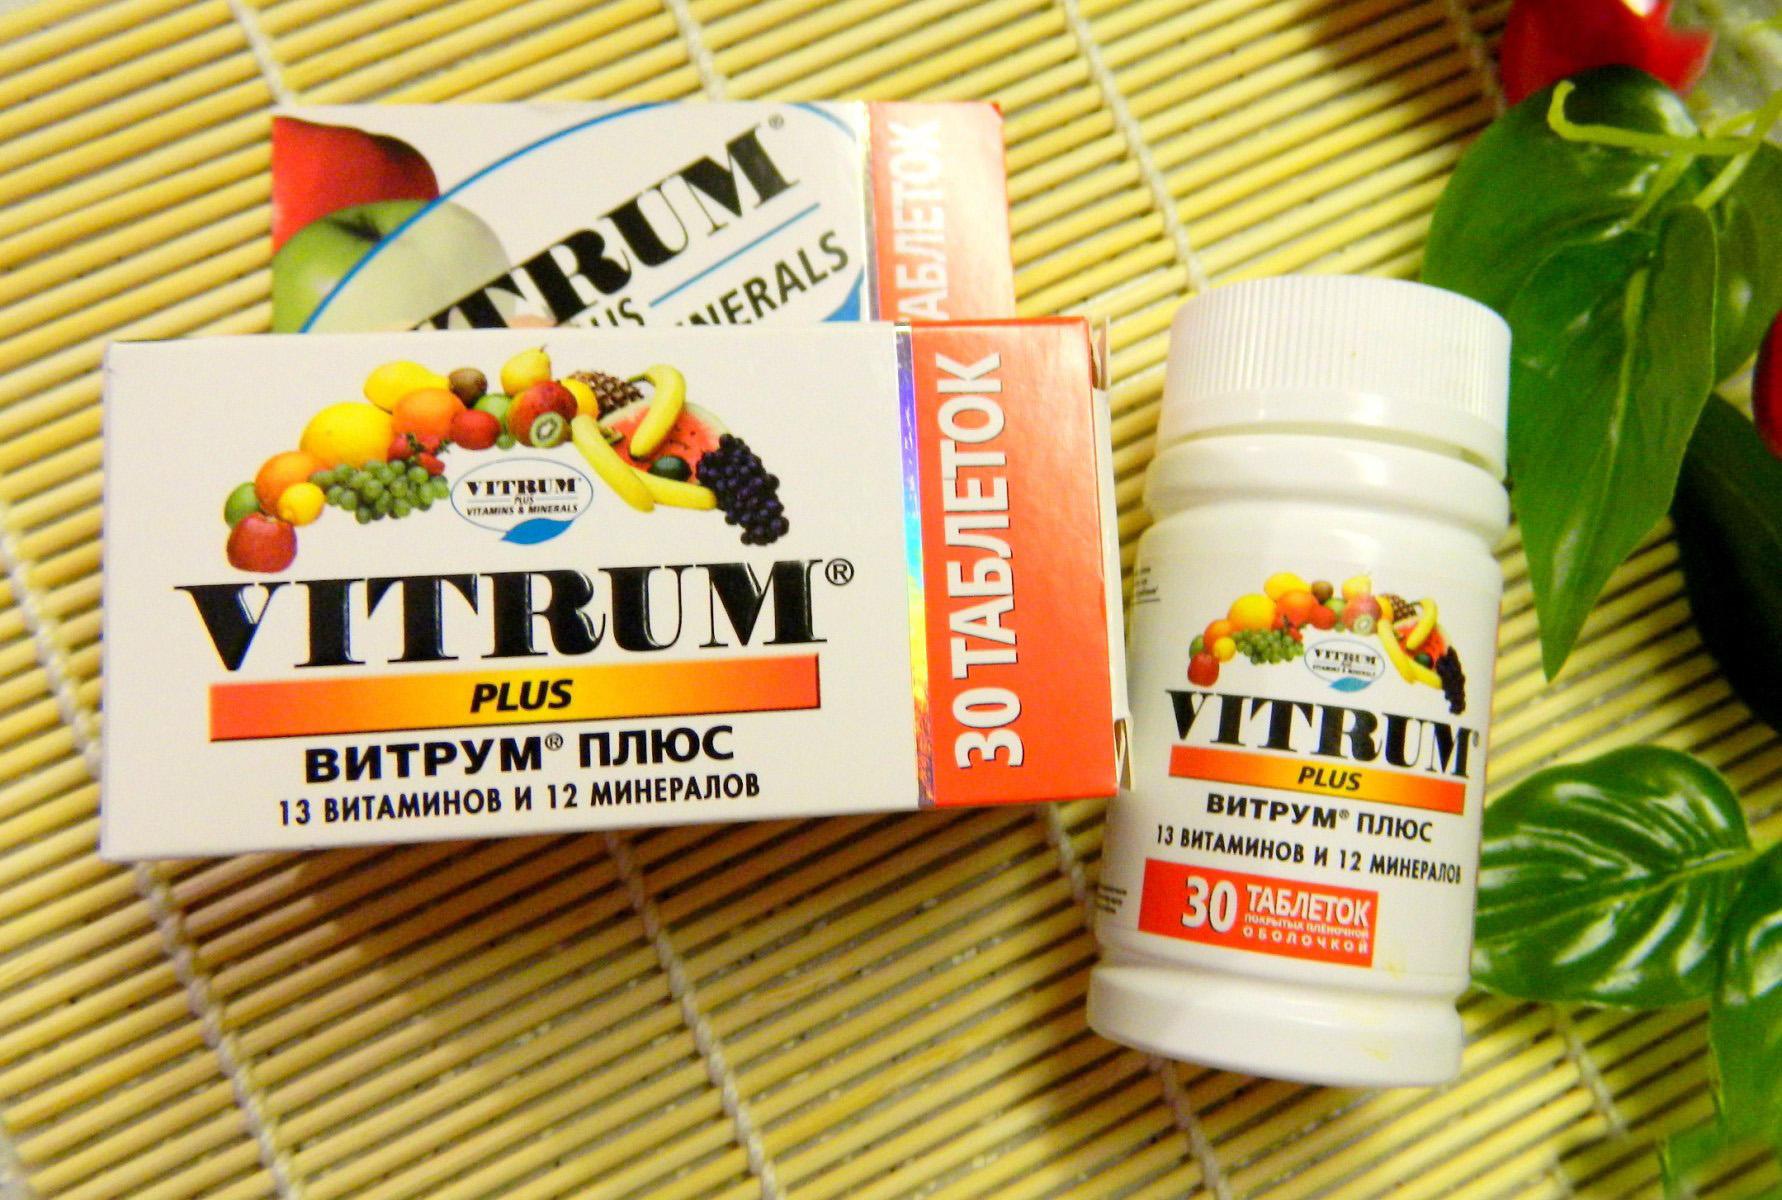 Восстановление жизненных сил витаминным комплексом Vitrum